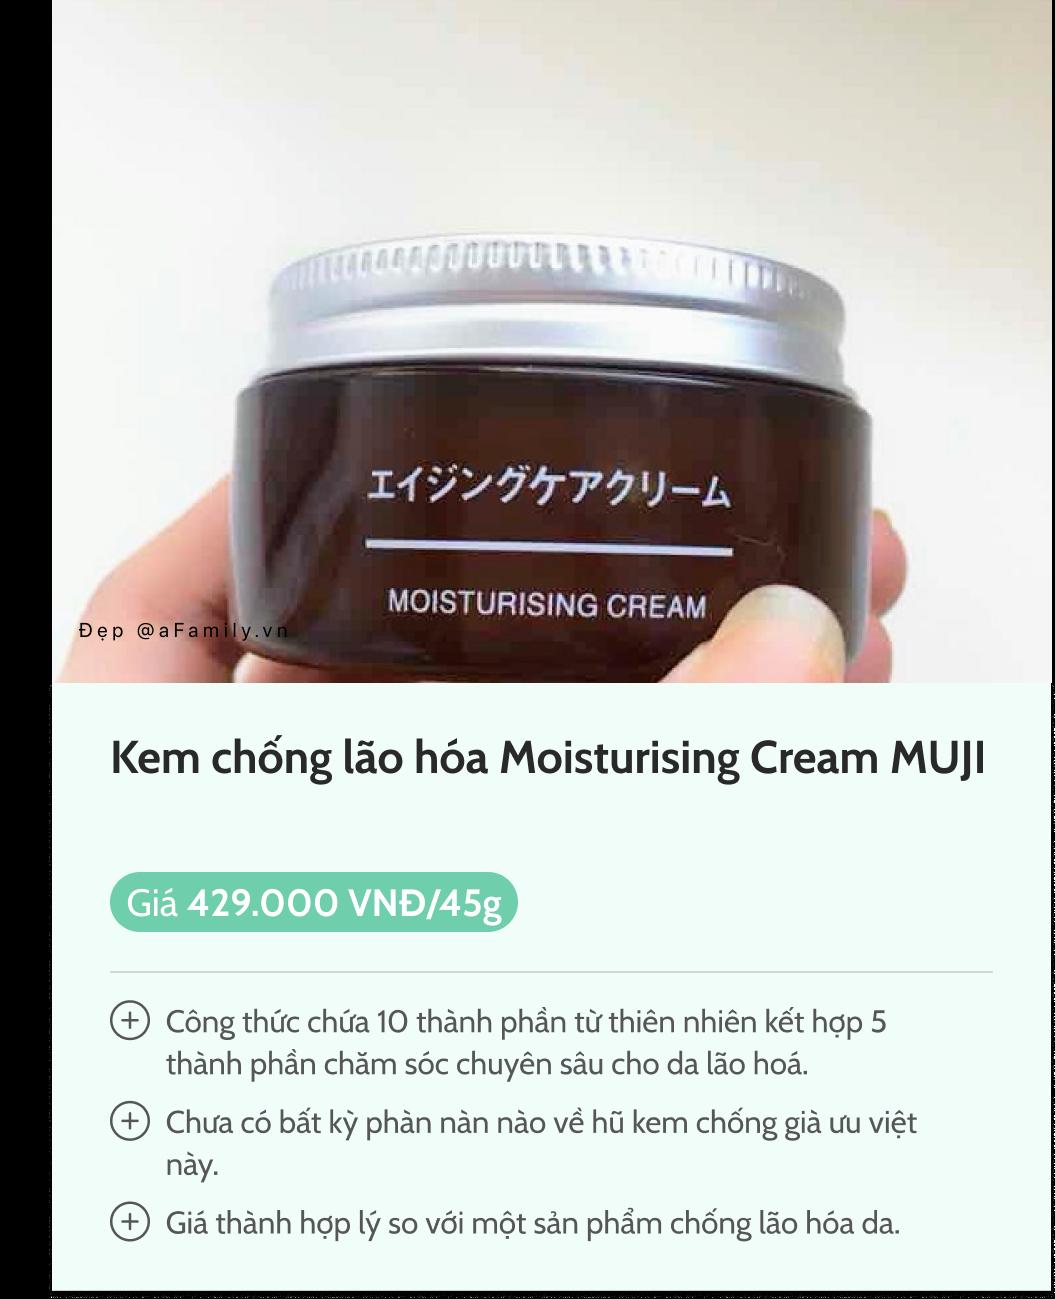 """Với 500k, chị em có thể sắm cả loạt đồ skin care từ làm sạch đến chống già tại MUJI: Căng nhất là lọ toner """"nổi như cồn"""" lại có giá rẻ hơn hẳn khi đặt mua ở Nhật - Ảnh 8."""